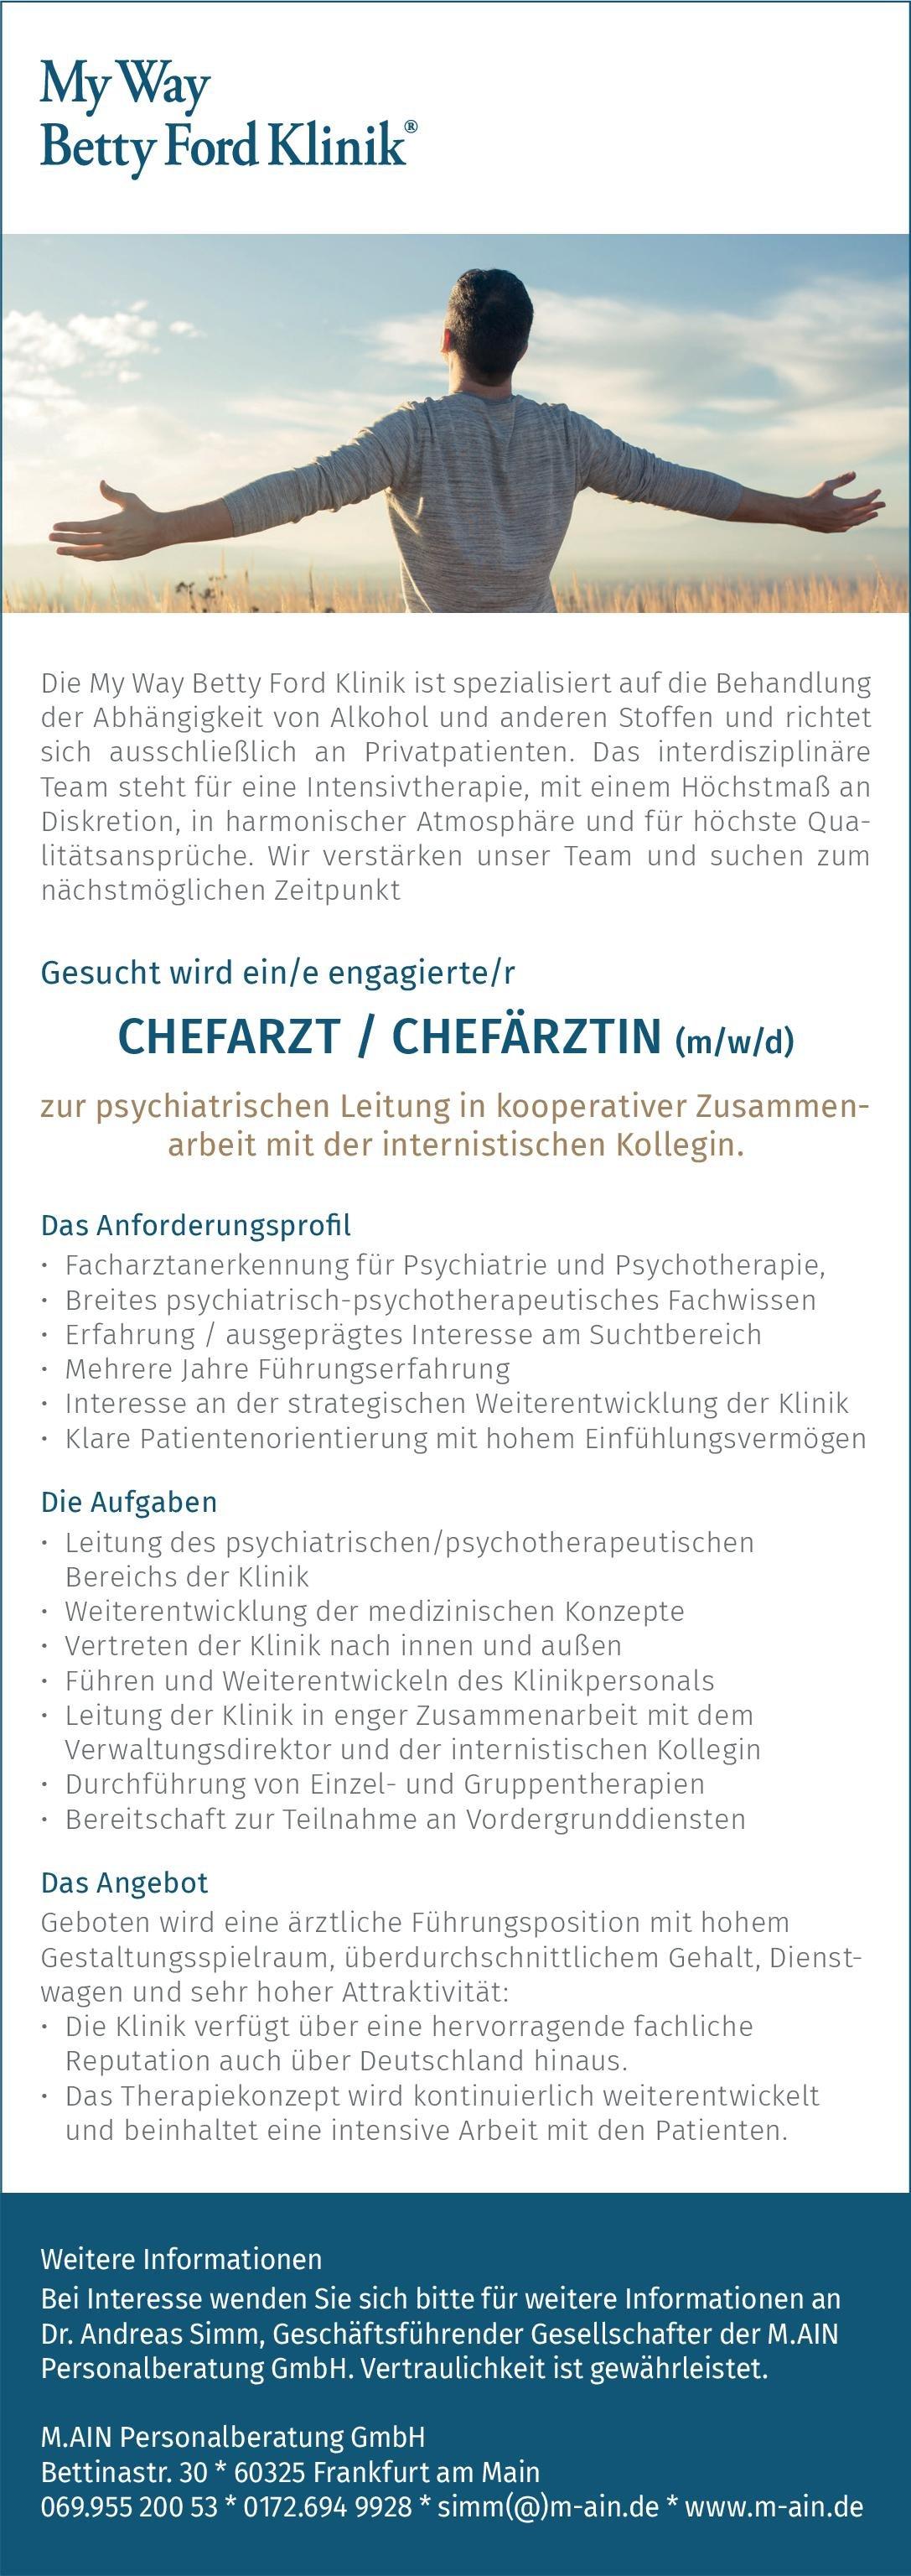 My Way Betty Ford Klinik Chefarzt / Chefärztin (m/w/d) zur psychiatrischen Leitung in kooperativer Zusammenarbeit mit der internistischen Kollegin  Psychiatrie und Psychotherapie, Psychiatrie und Psychotherapie Chefarzt